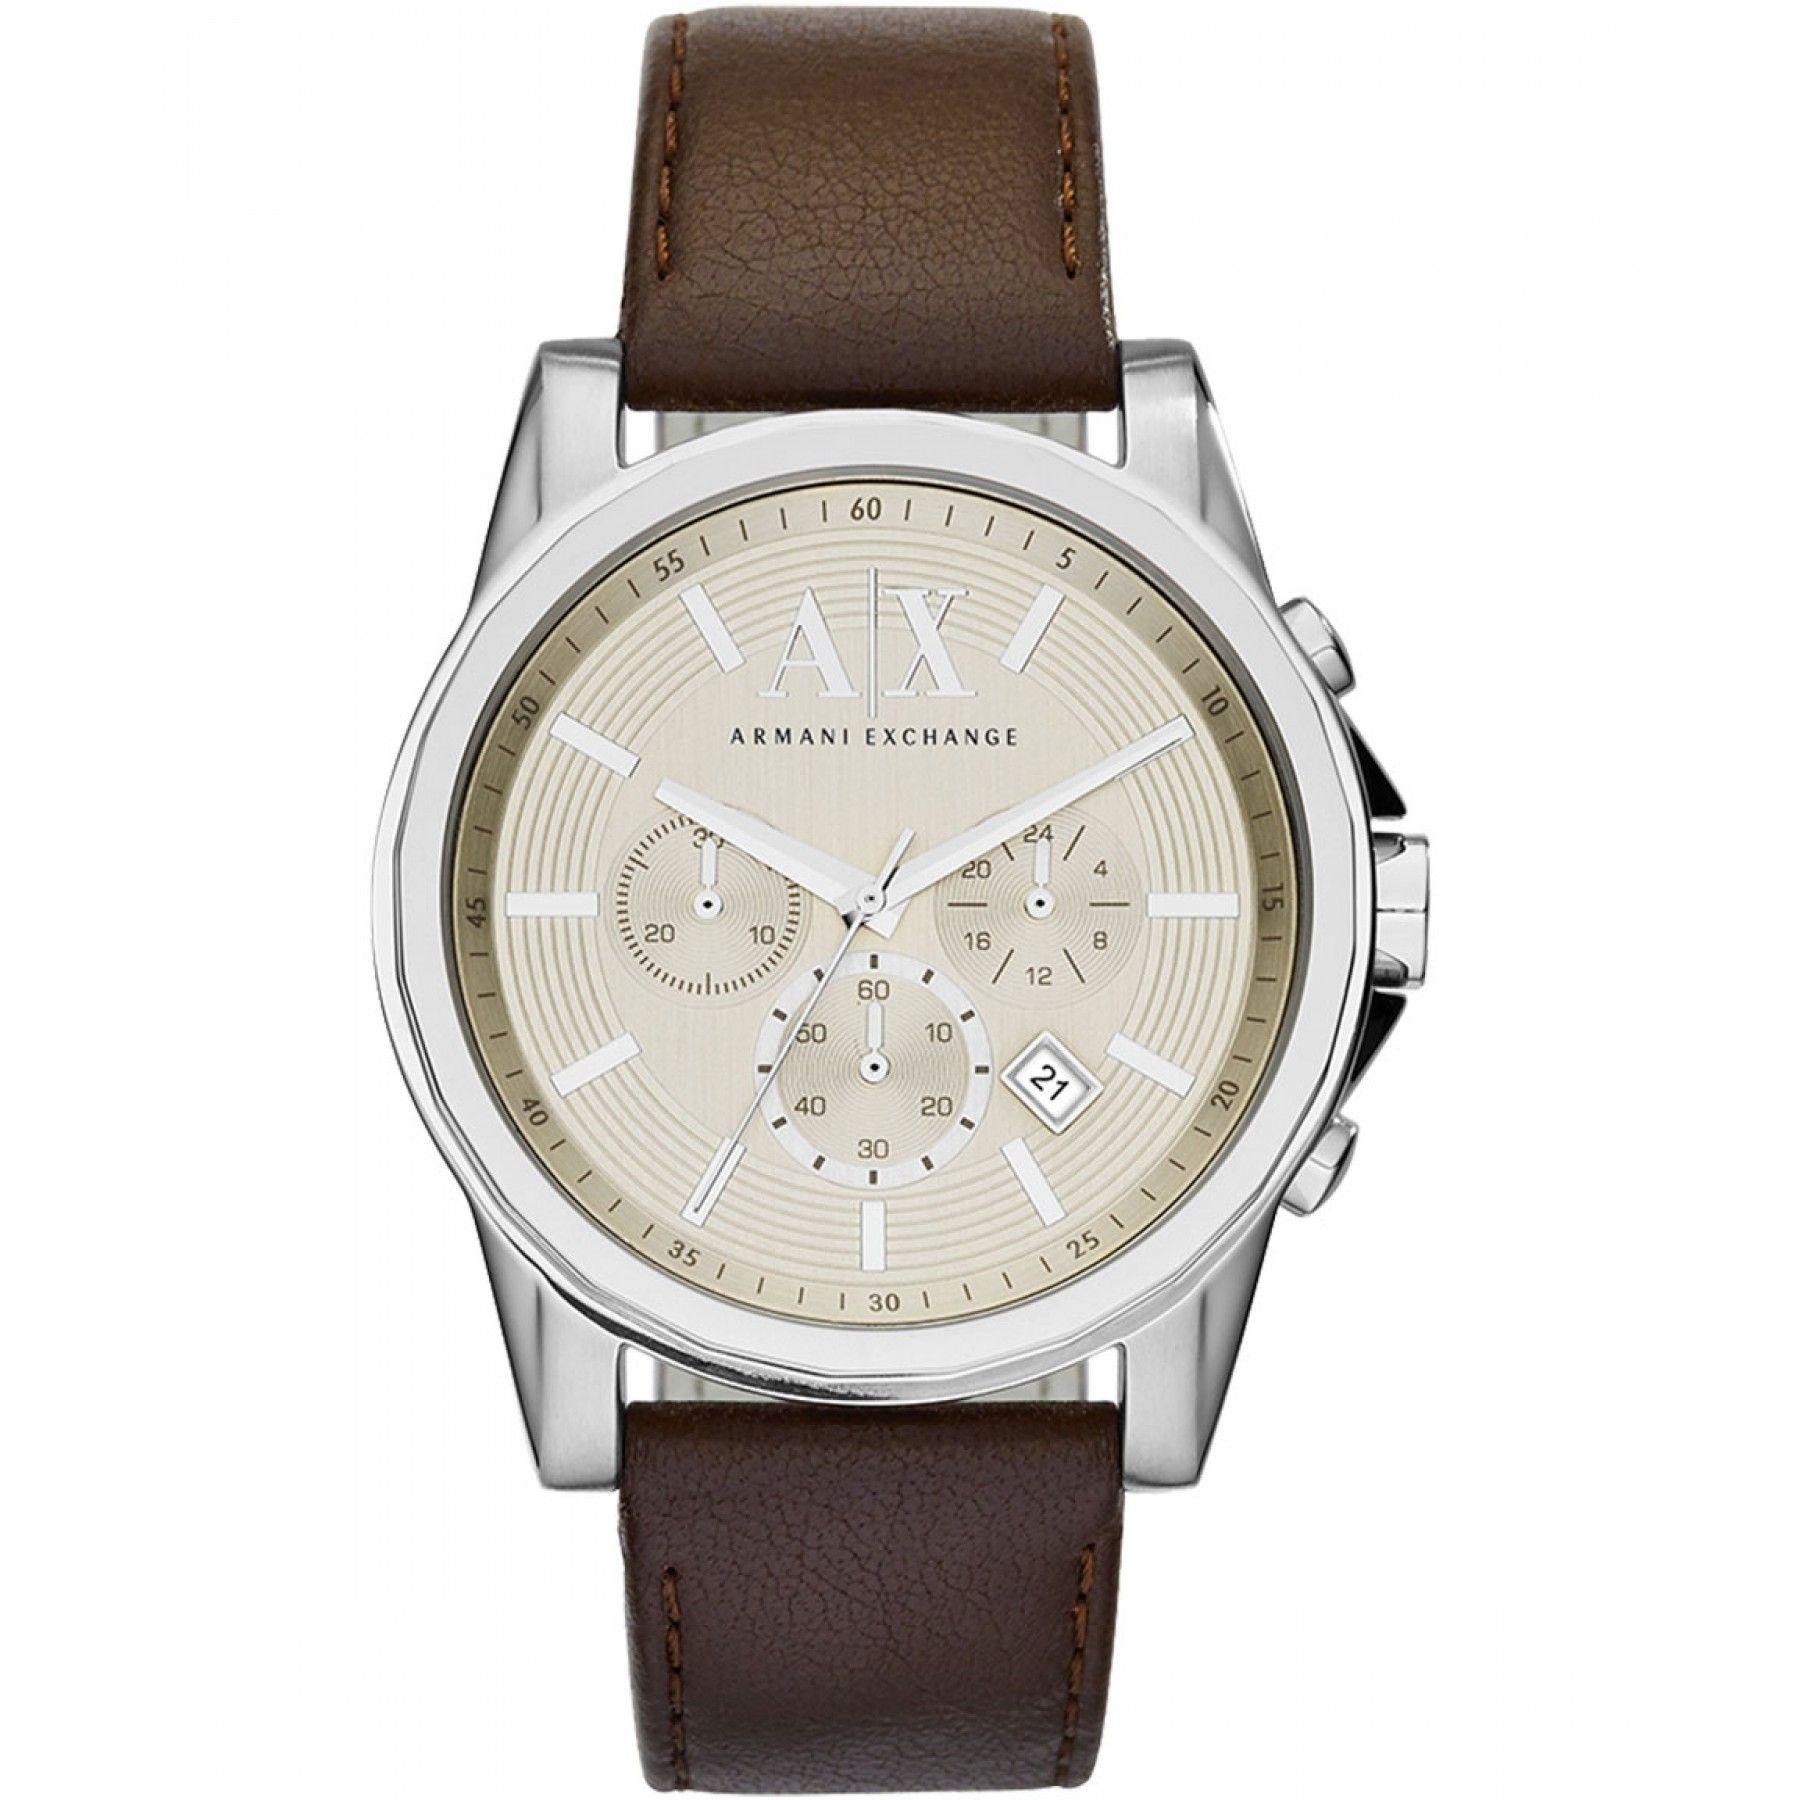 49c239fb9d78 Reloj Armani Exchange con caja y bisel de acero inoxidable en tono plata  extensible de correa